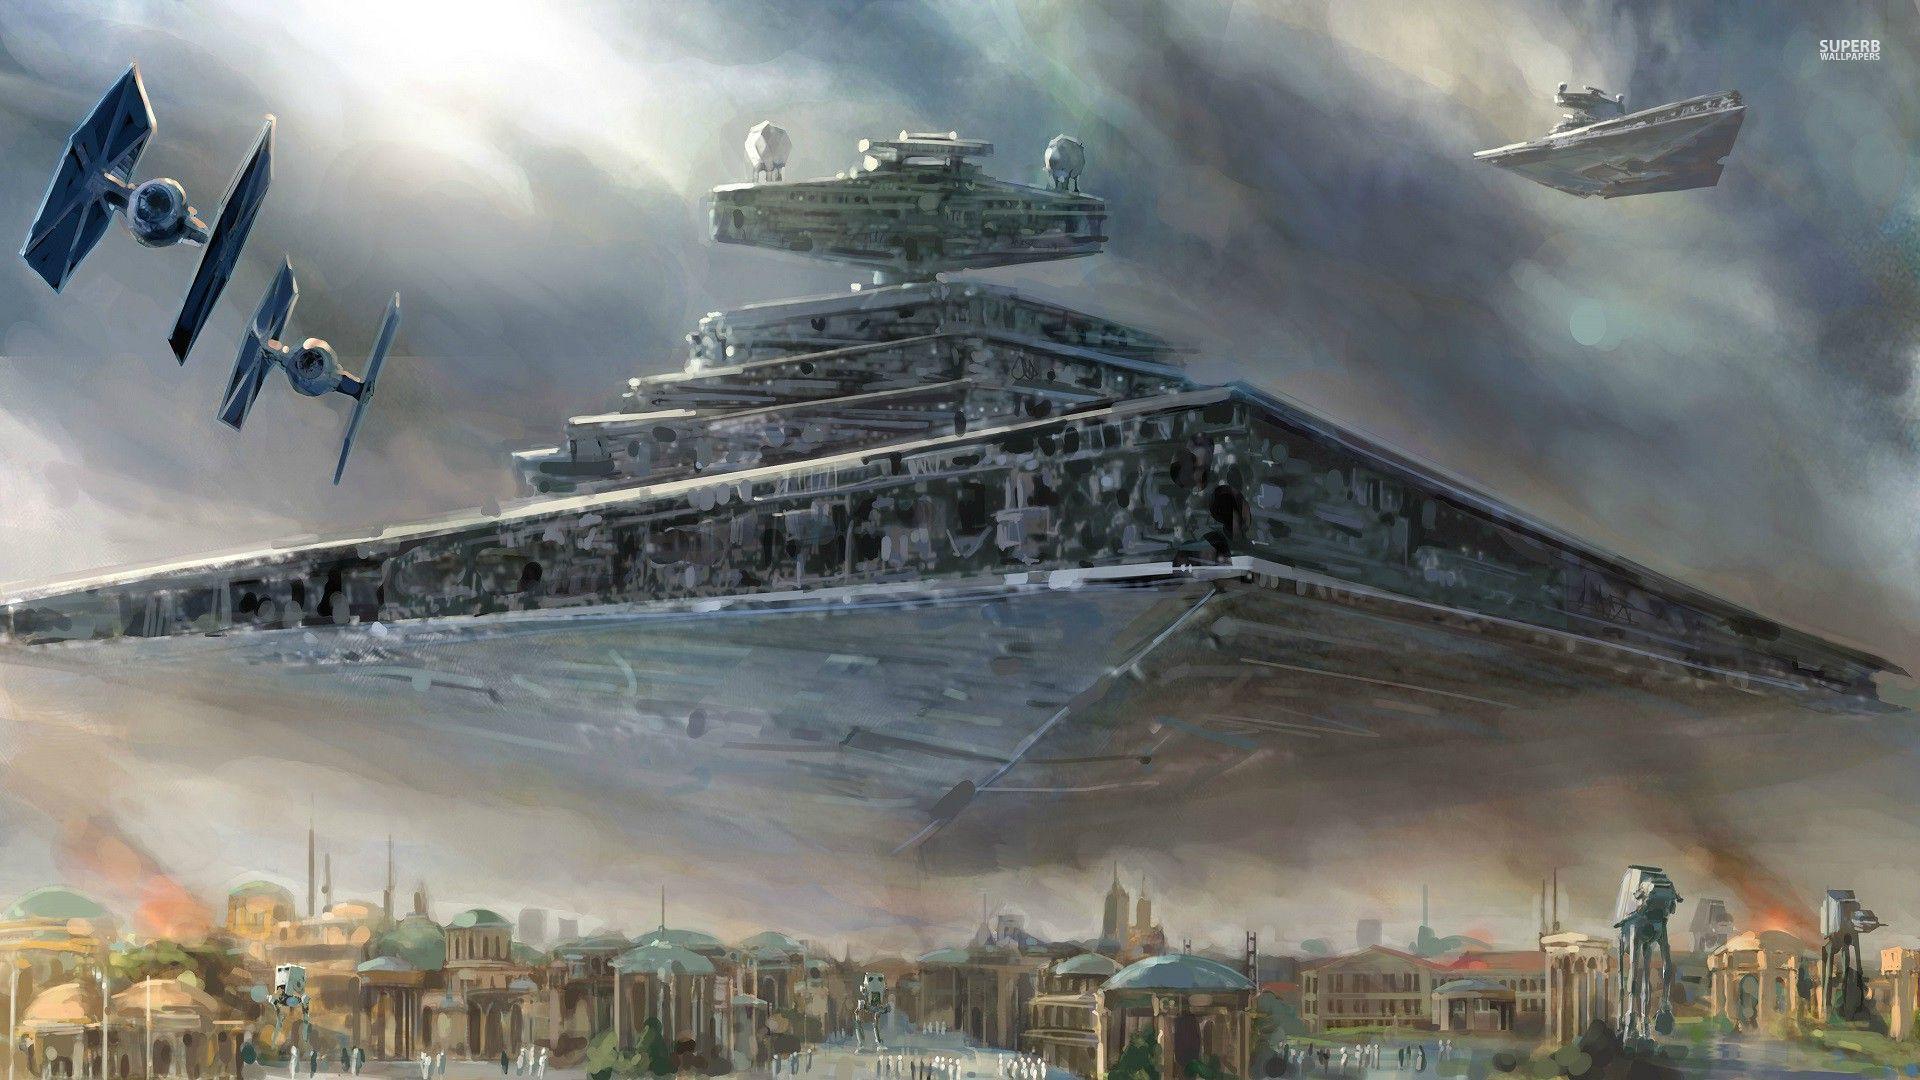 Star Wars Ships Widescreen HD Wallpaper High Resolution Wallpaper Full 1920x1080